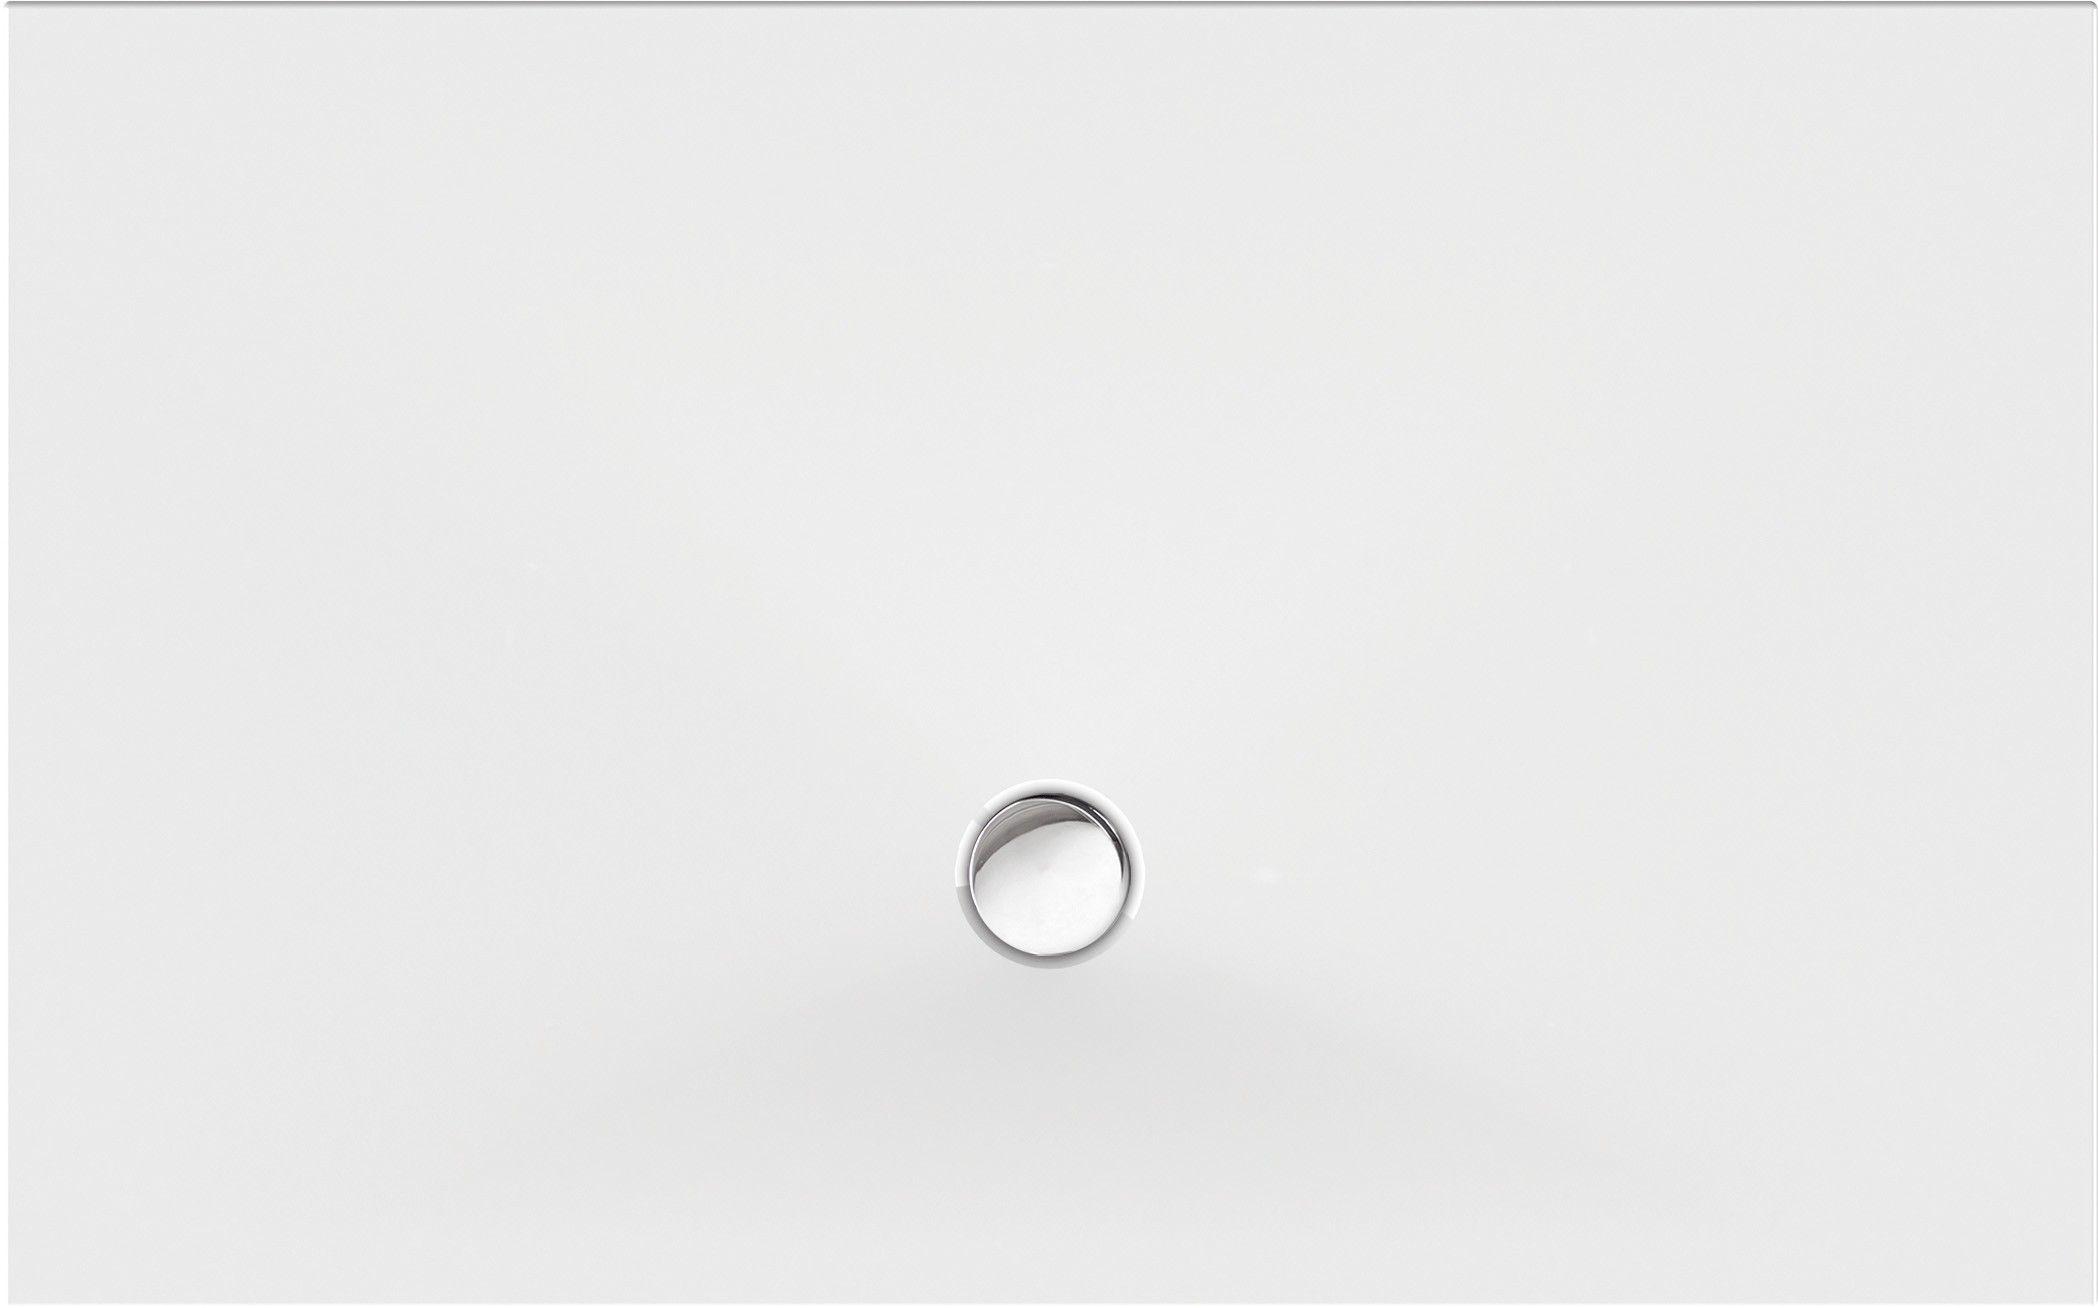 Duschwanne bodengleich 140 x 70 x 2 cm  Ablaufgarnitur, Wannenfüße 8,7 - 11,5 cm oder Wannenträger 12 cm  Folgendes Zubehör ist in unserem Shop erhältlich:      Dämm-/Schutzband 330x7,5 cm: Mehrpreis 19,00 EUR inkl. MwSt.     Montagewinkel für die Auflage an der Wand 1x87/2x67 cm: Mehrpreis 30,00 EUR inkl. MwSt.     Duschwanne bodengleich 140 x 70 günstig online kaufen